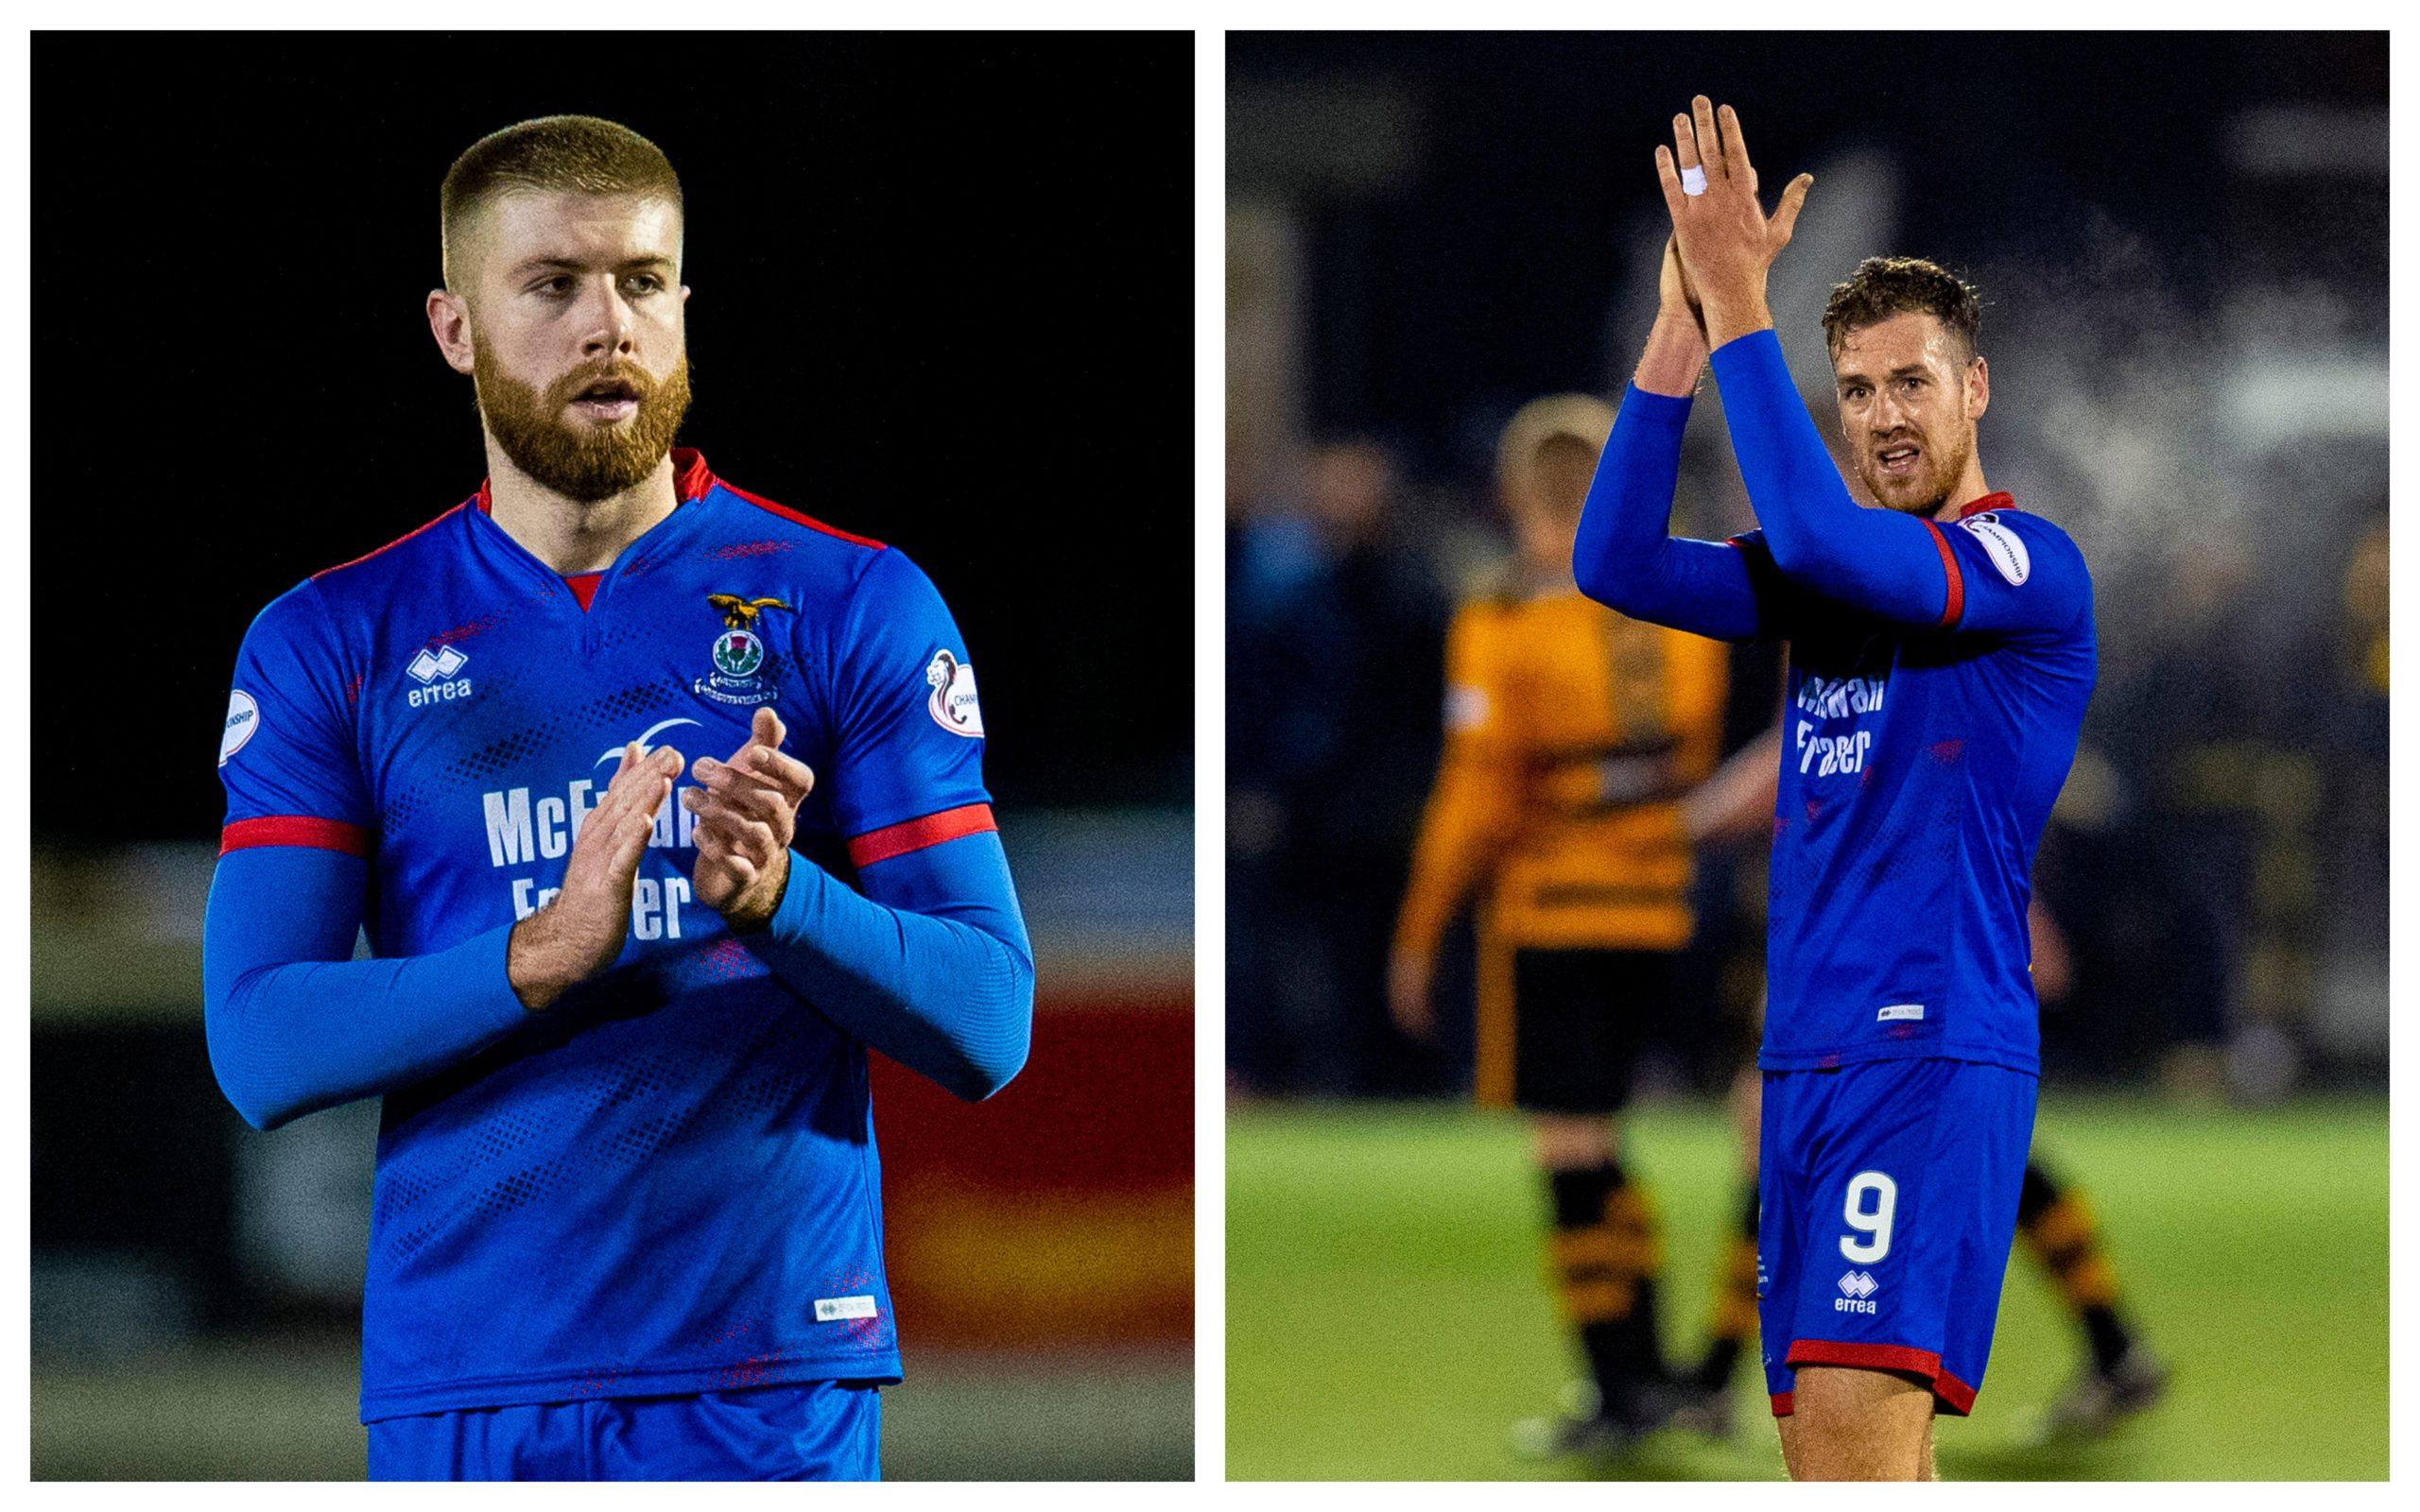 Shaun Rooney and Jordan White.